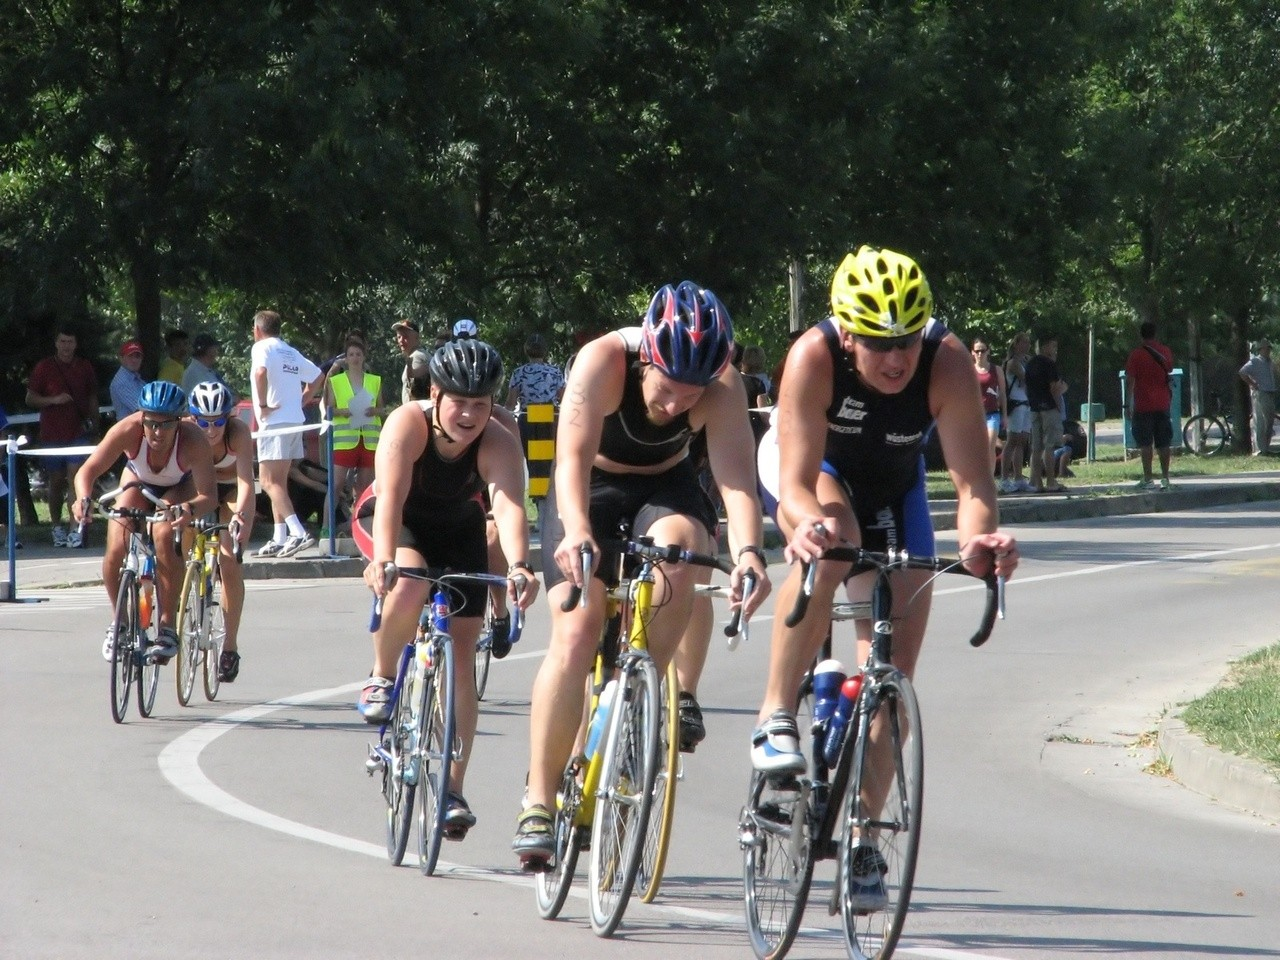 Droższy vs tańszy kask rowerowy – Poznaj ich różnice poza cenowe!